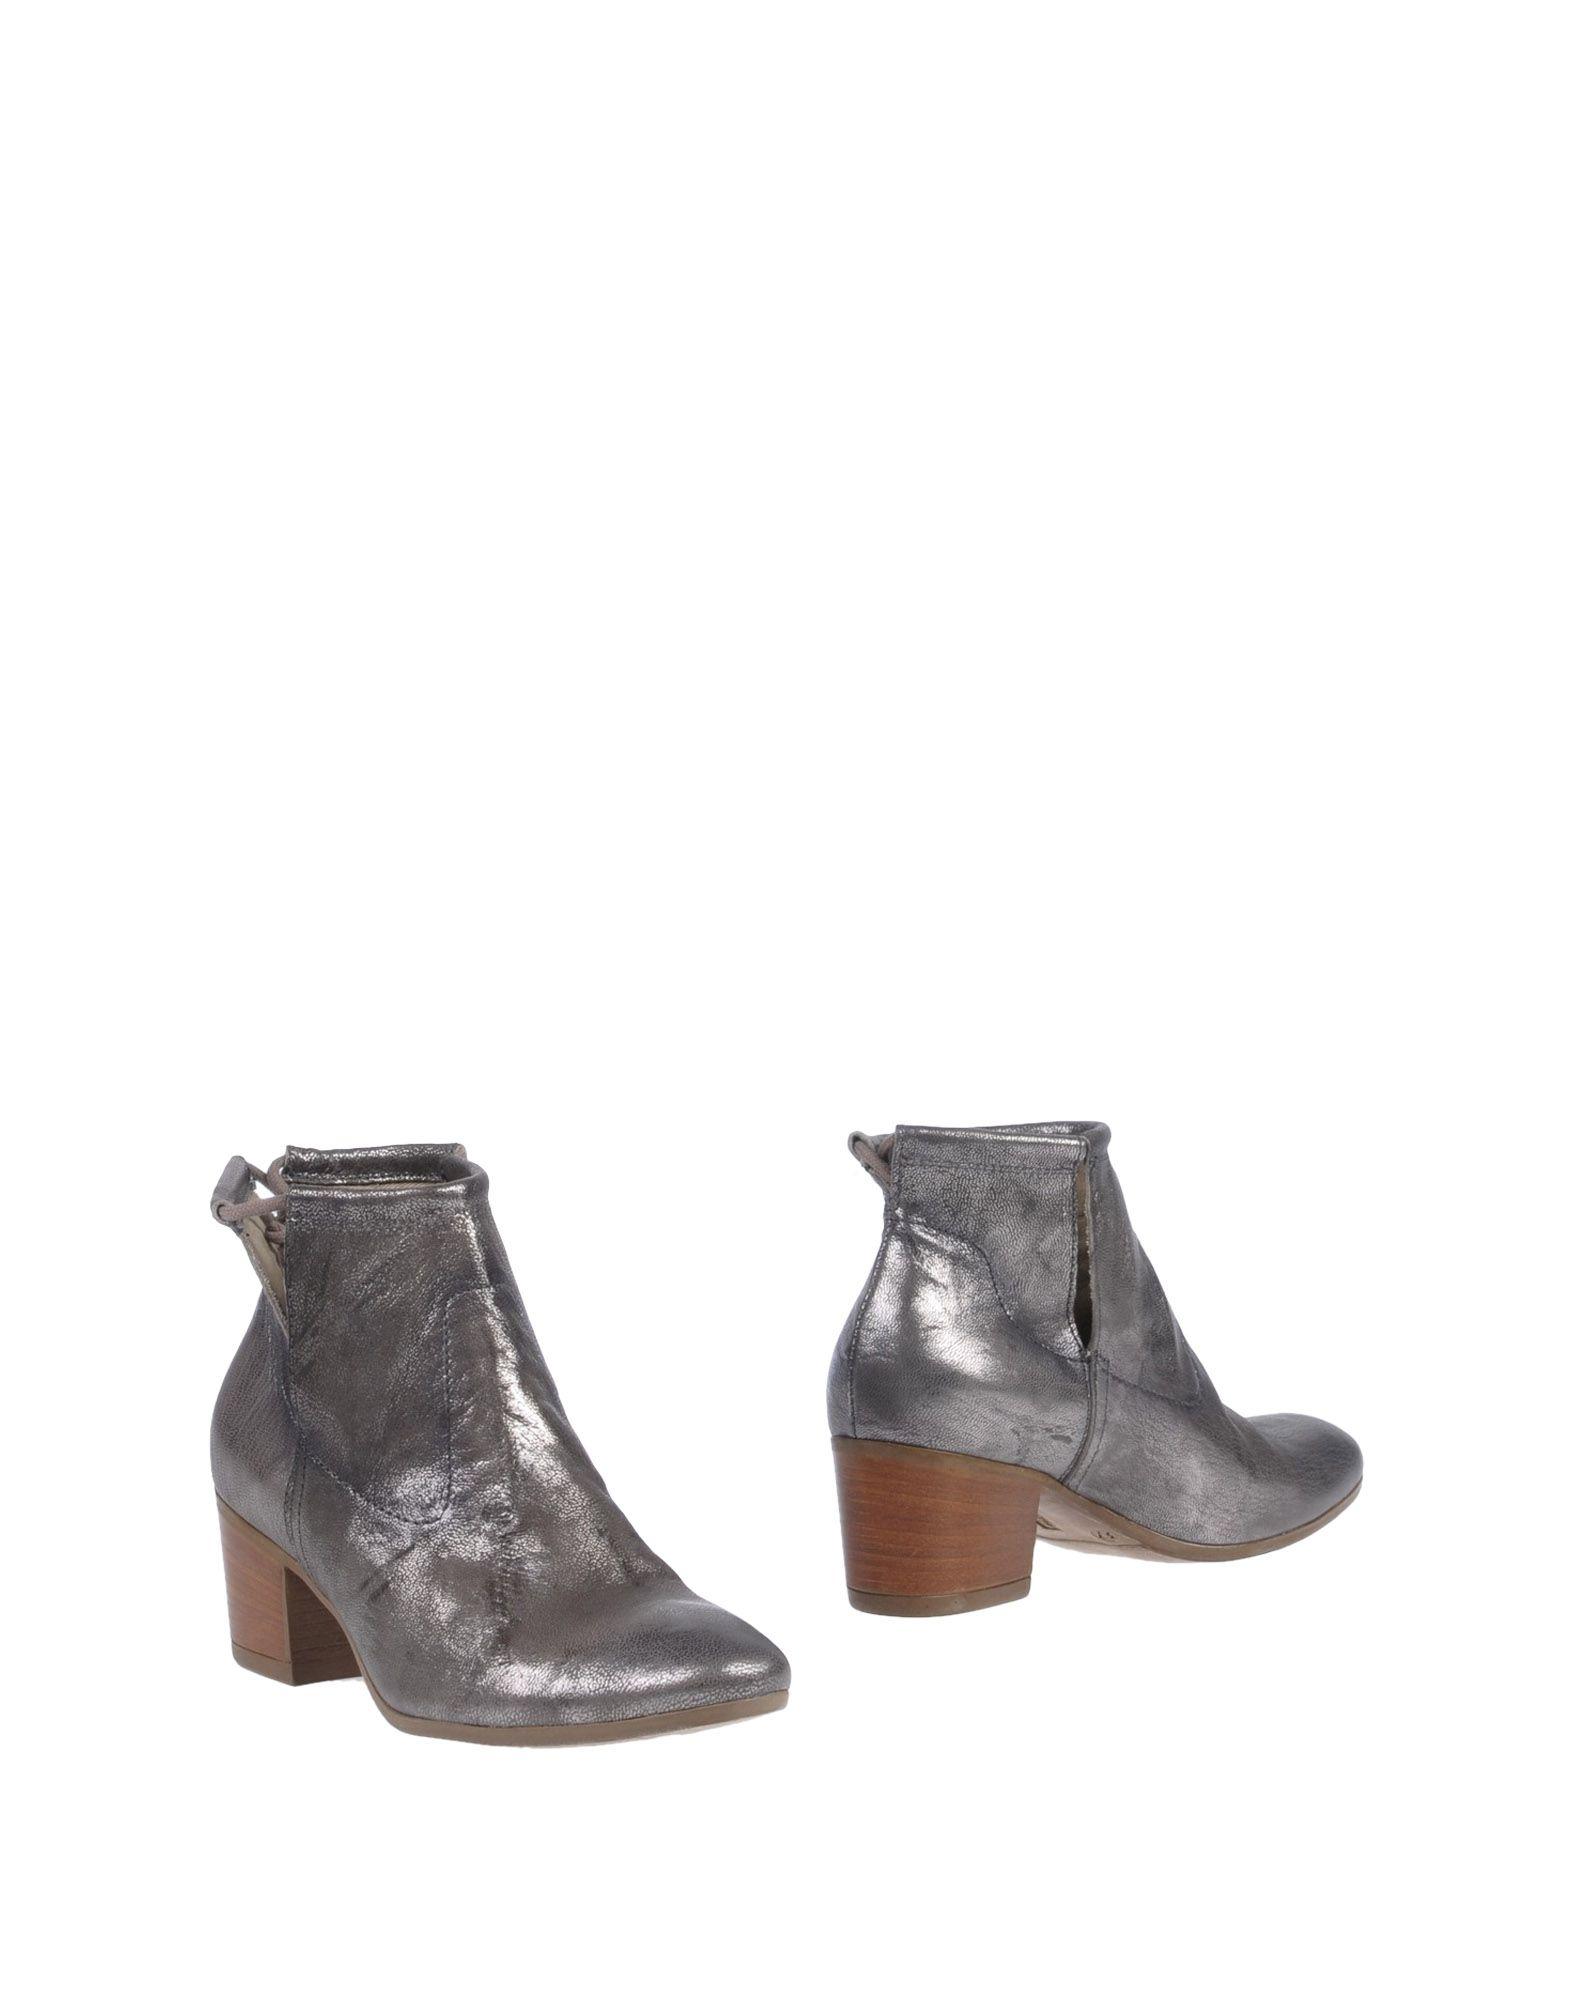 Bagatt Stiefelette Gute Damen  11429553MC Gute Stiefelette Qualität beliebte Schuhe 37abb1